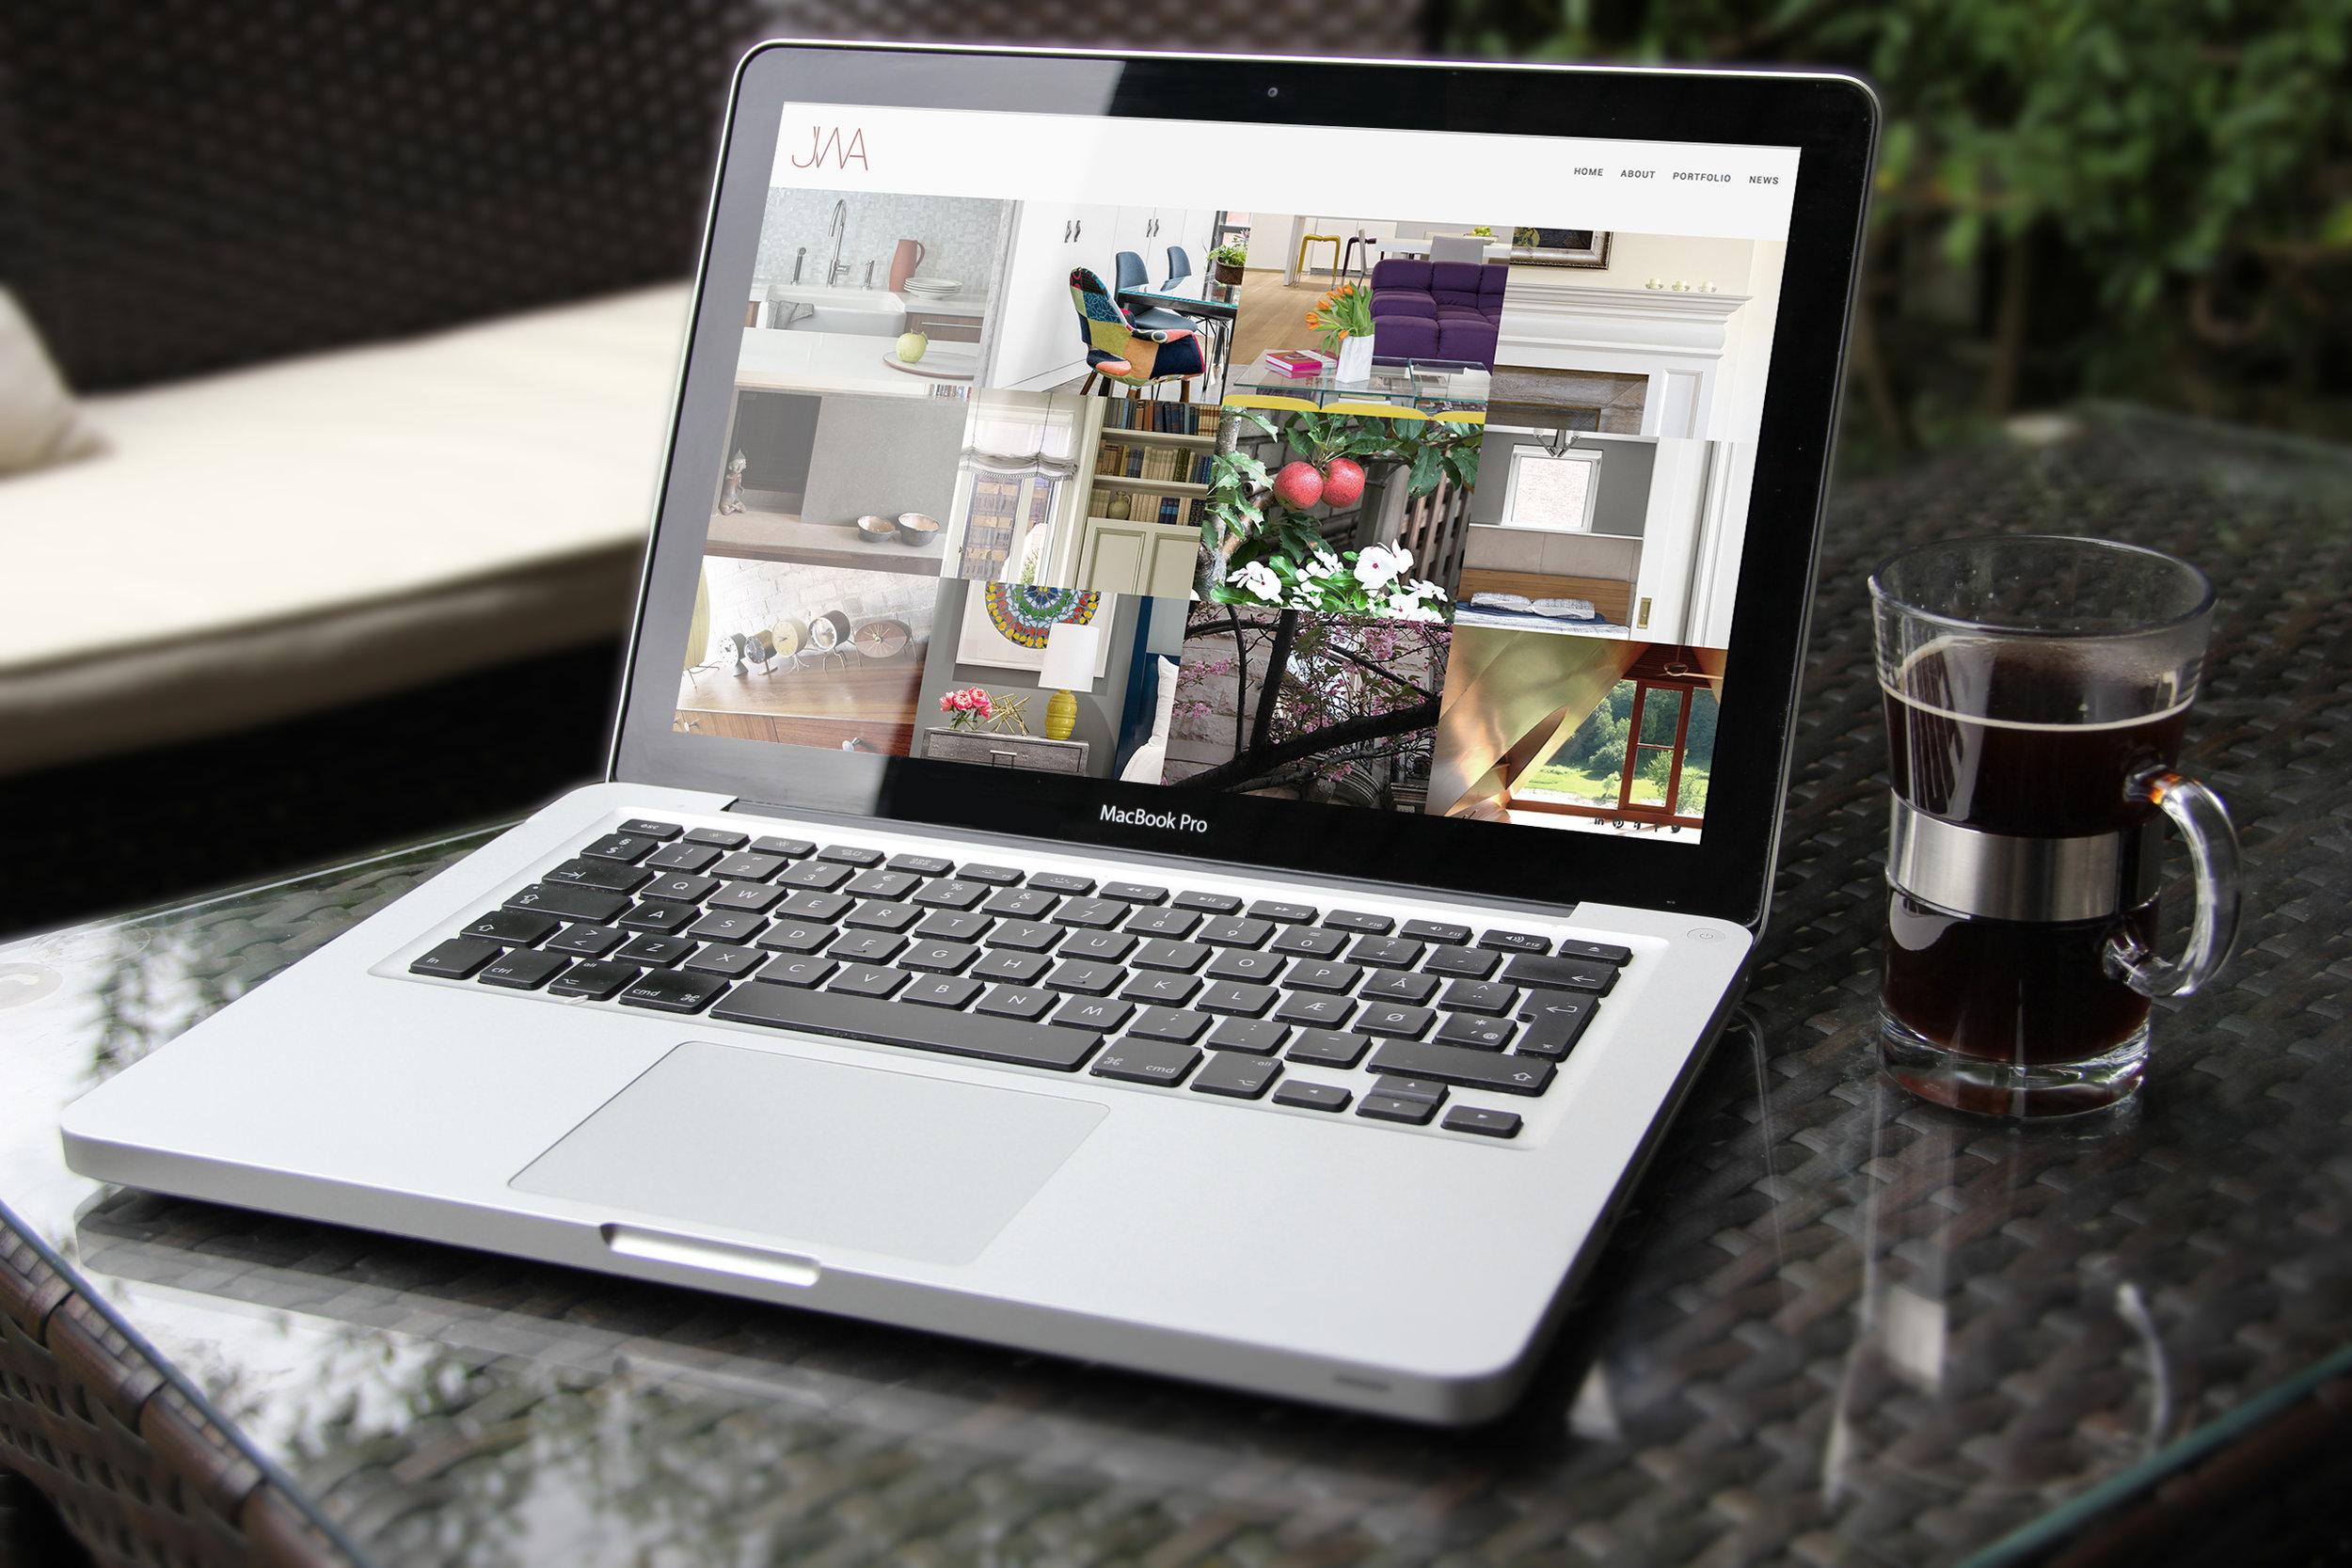 JWA_siteMockup.jpg